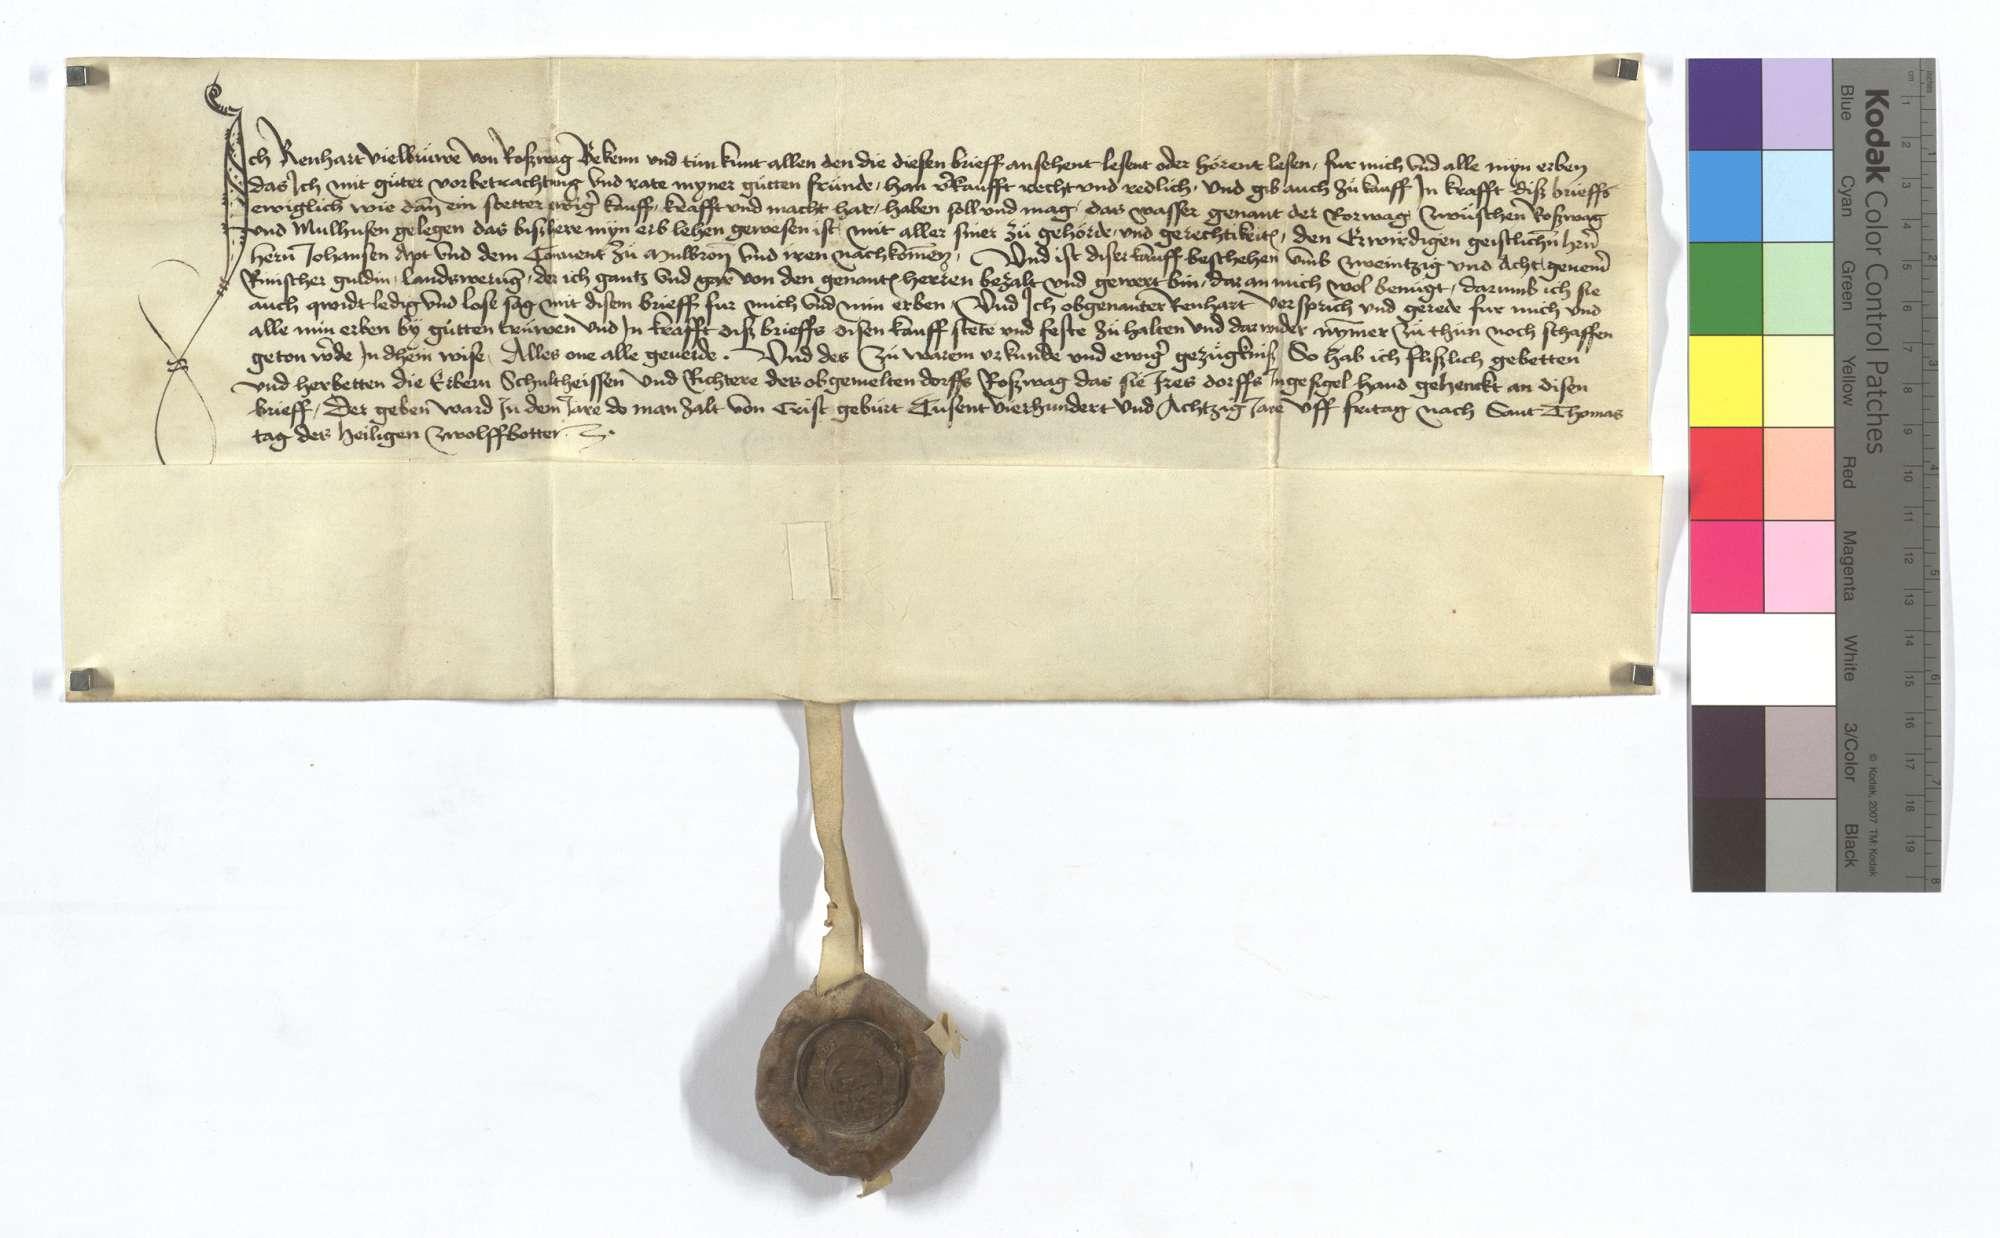 Reinhard Vielbrur verkauft dem Kloster Maulbronn ein Fischwasser zwischen Roßwag und Mühlhausen (Mülhausen)., Text